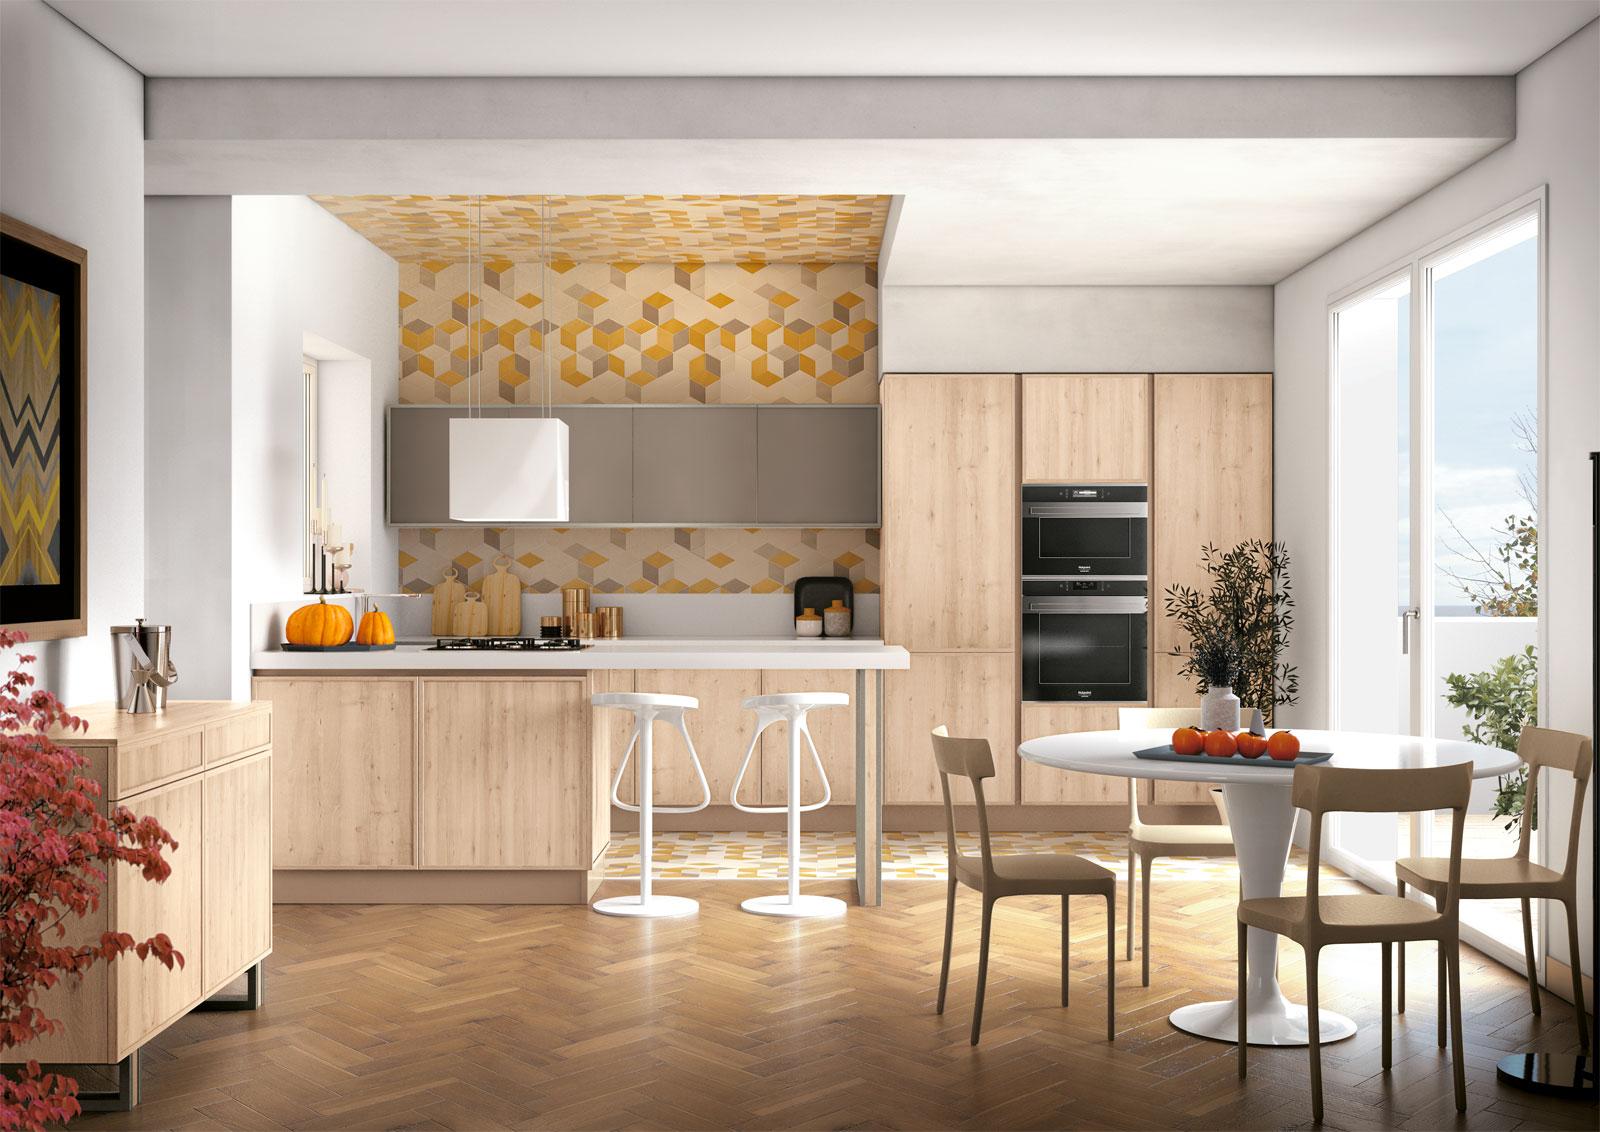 109 Mobilia Cucine - lube immagina mobilia group divani cucine e ...